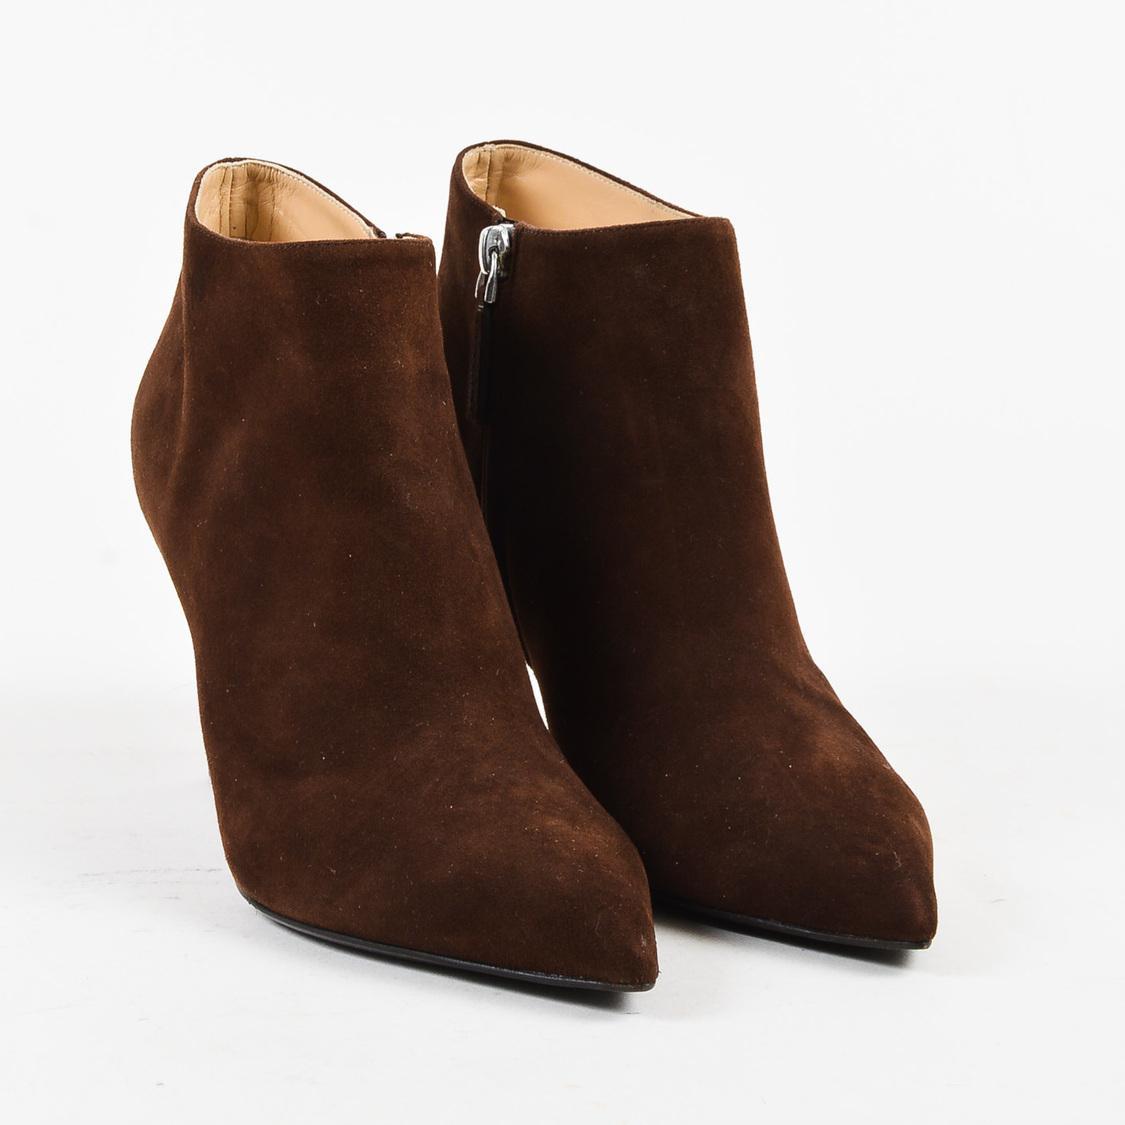 d4ed03901e4 Ralph Lauren Brown Suede Pointy Toe Heel Heel Ankle Boots in Brown ...